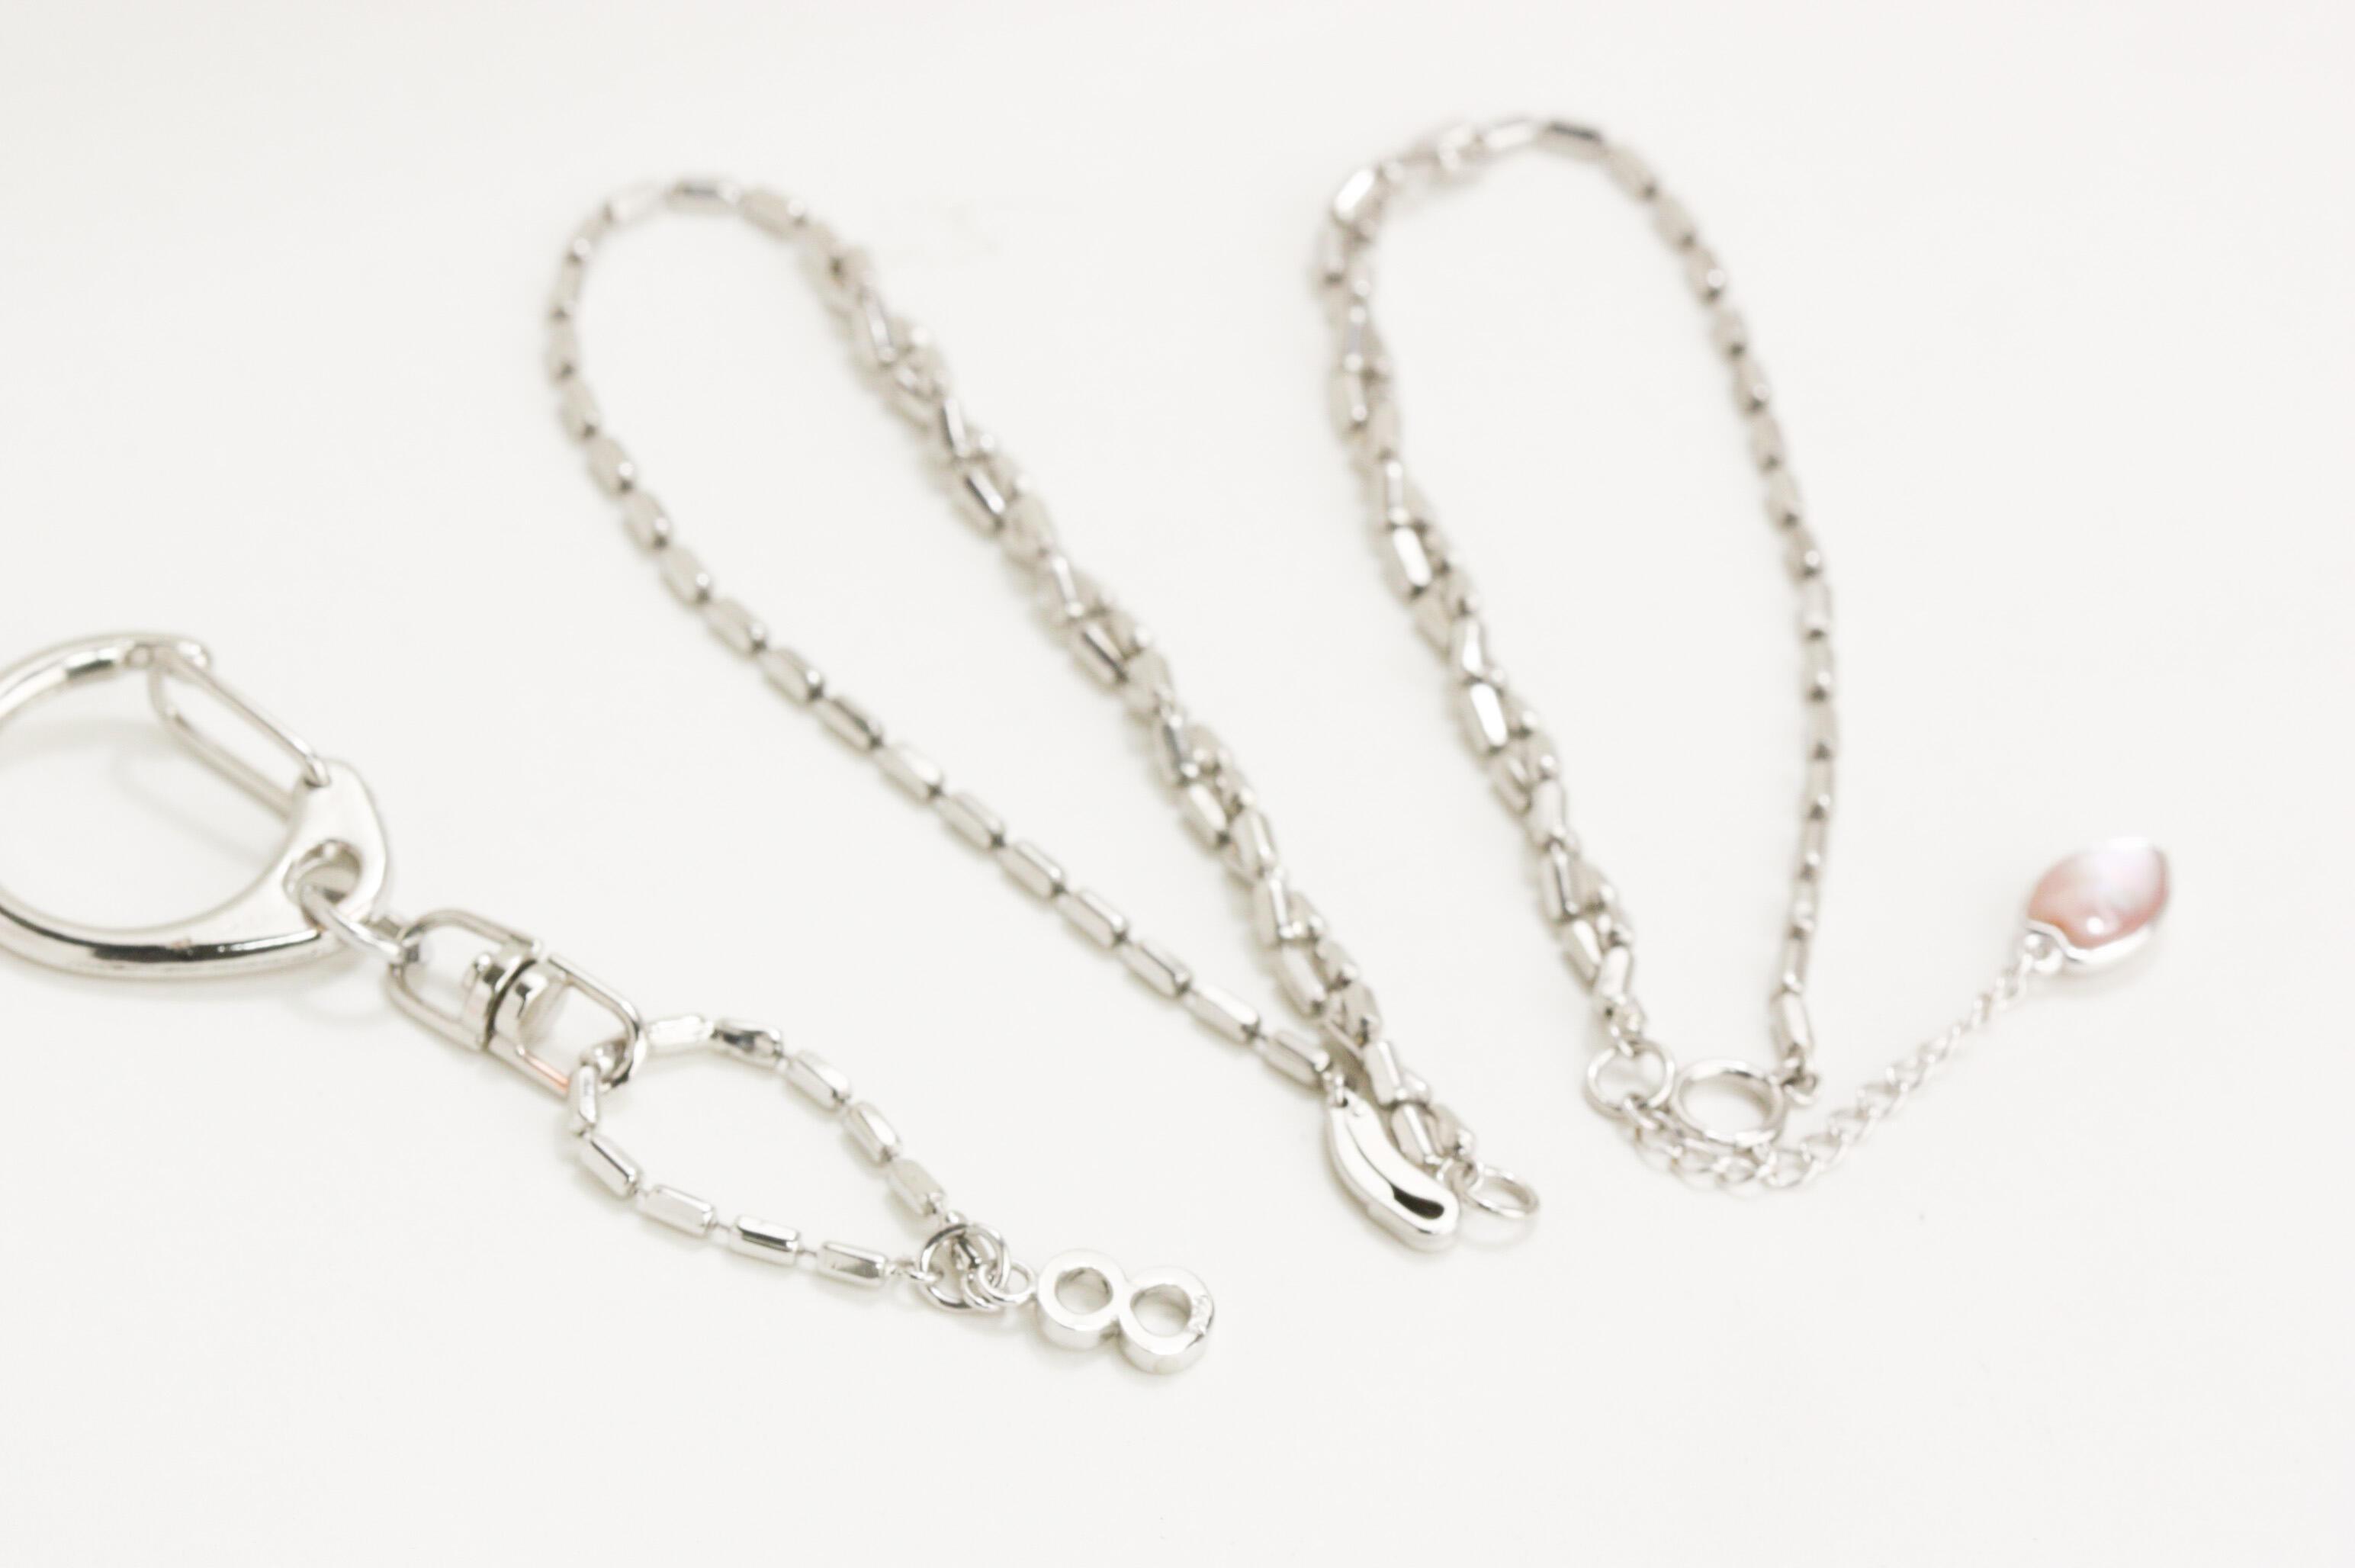 プラチナ製ネックレスをブレスに改作